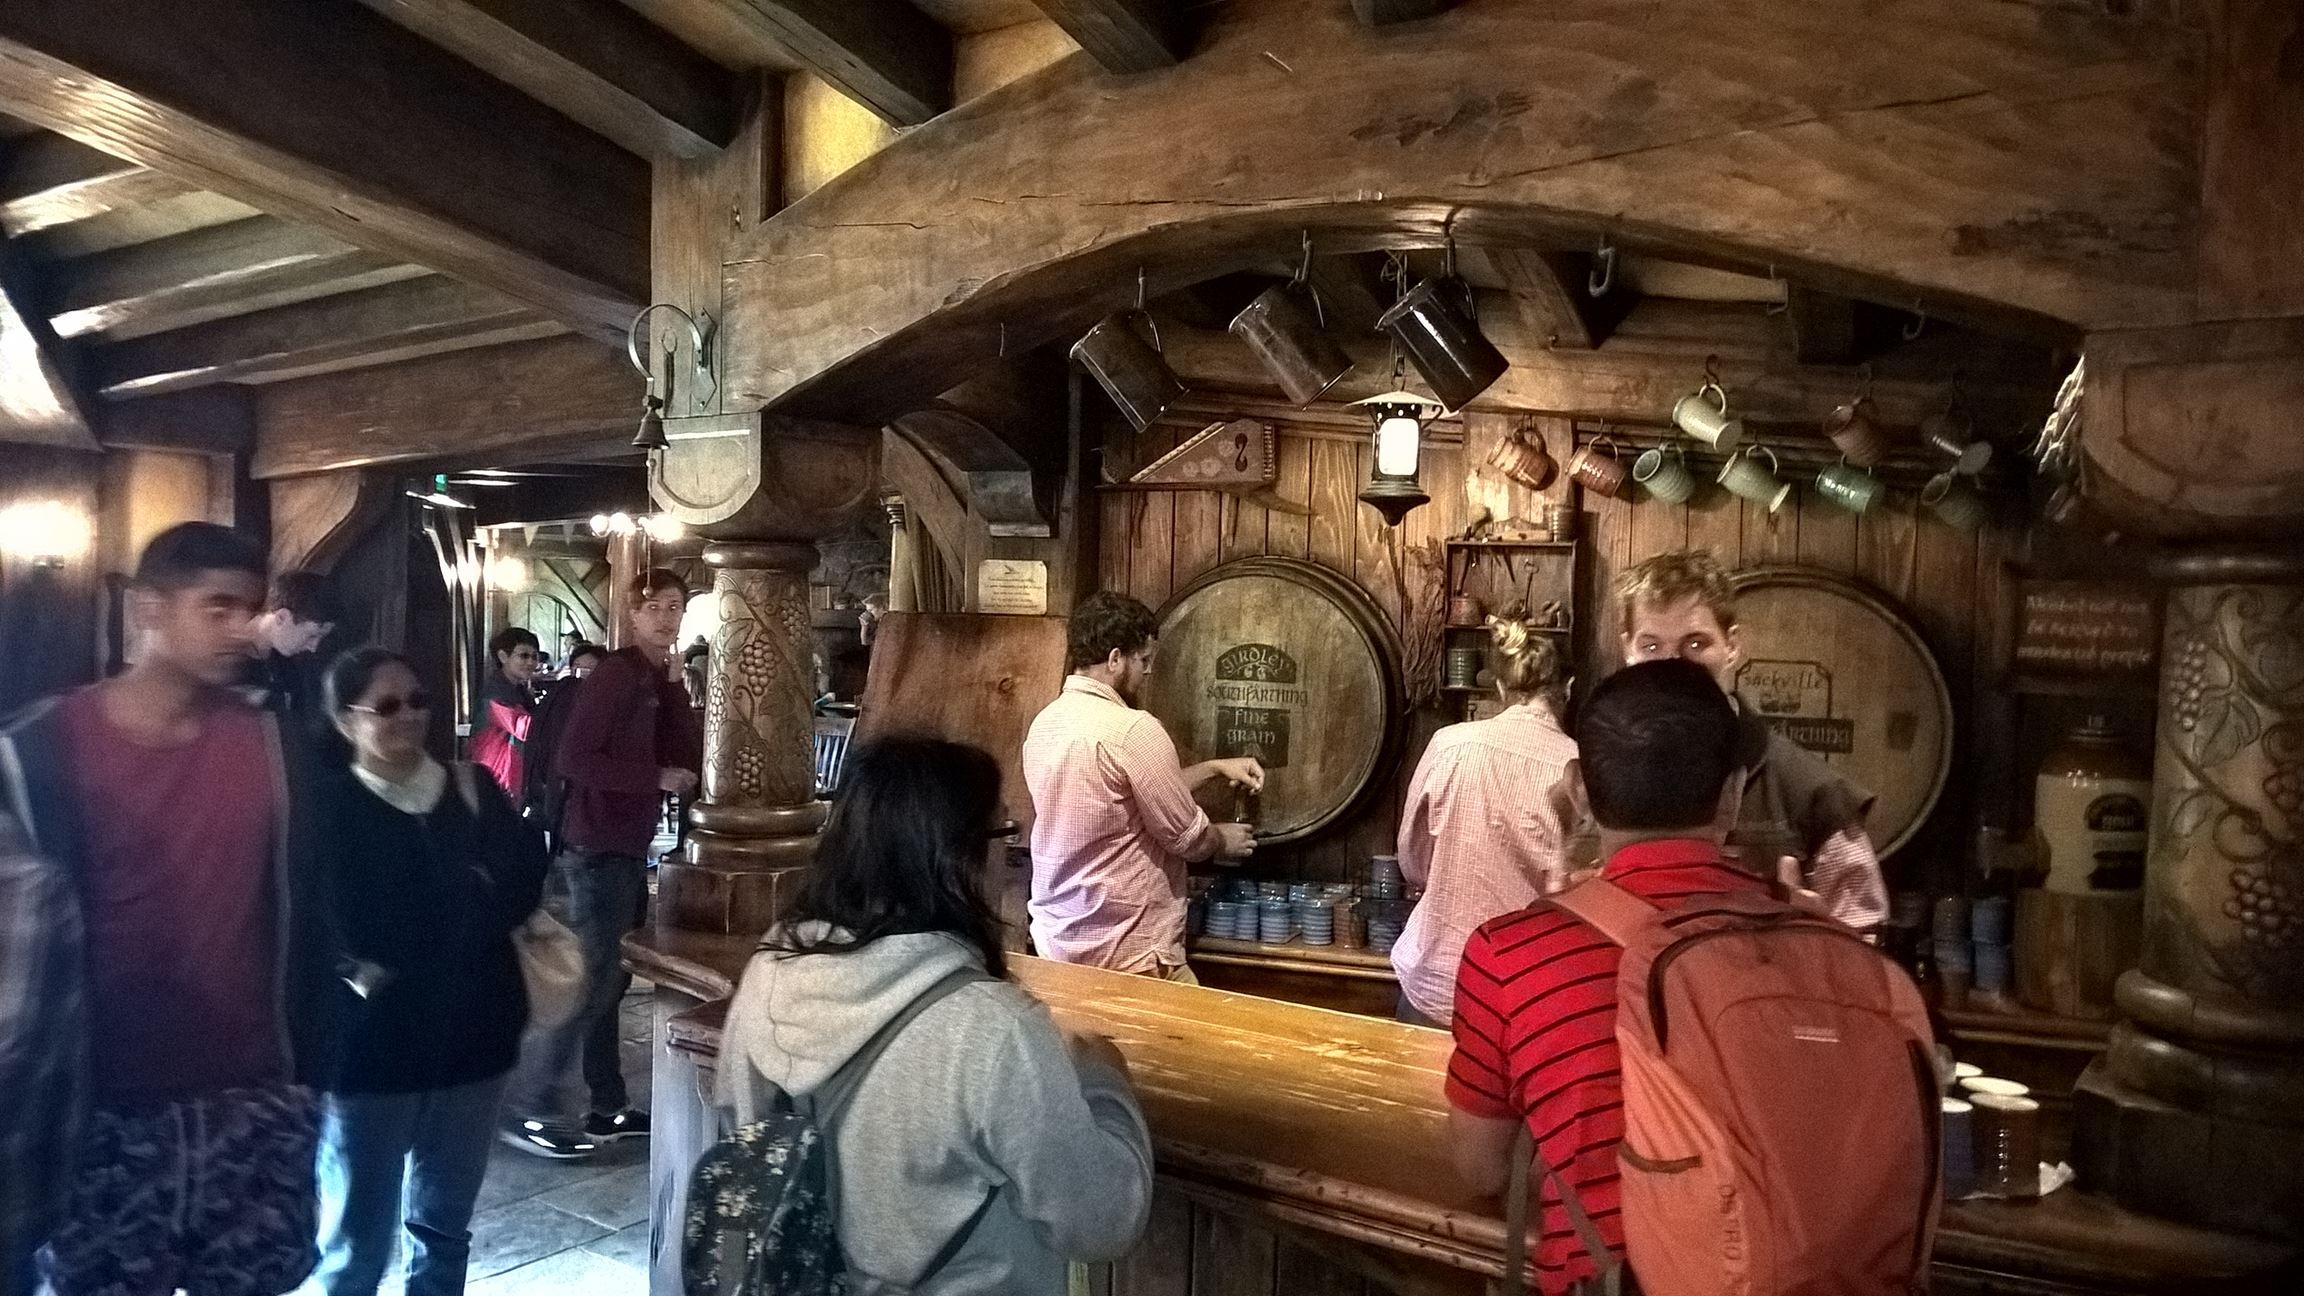 Im Inneren gibt es tatsächlich Hobbinton exklusives Bier